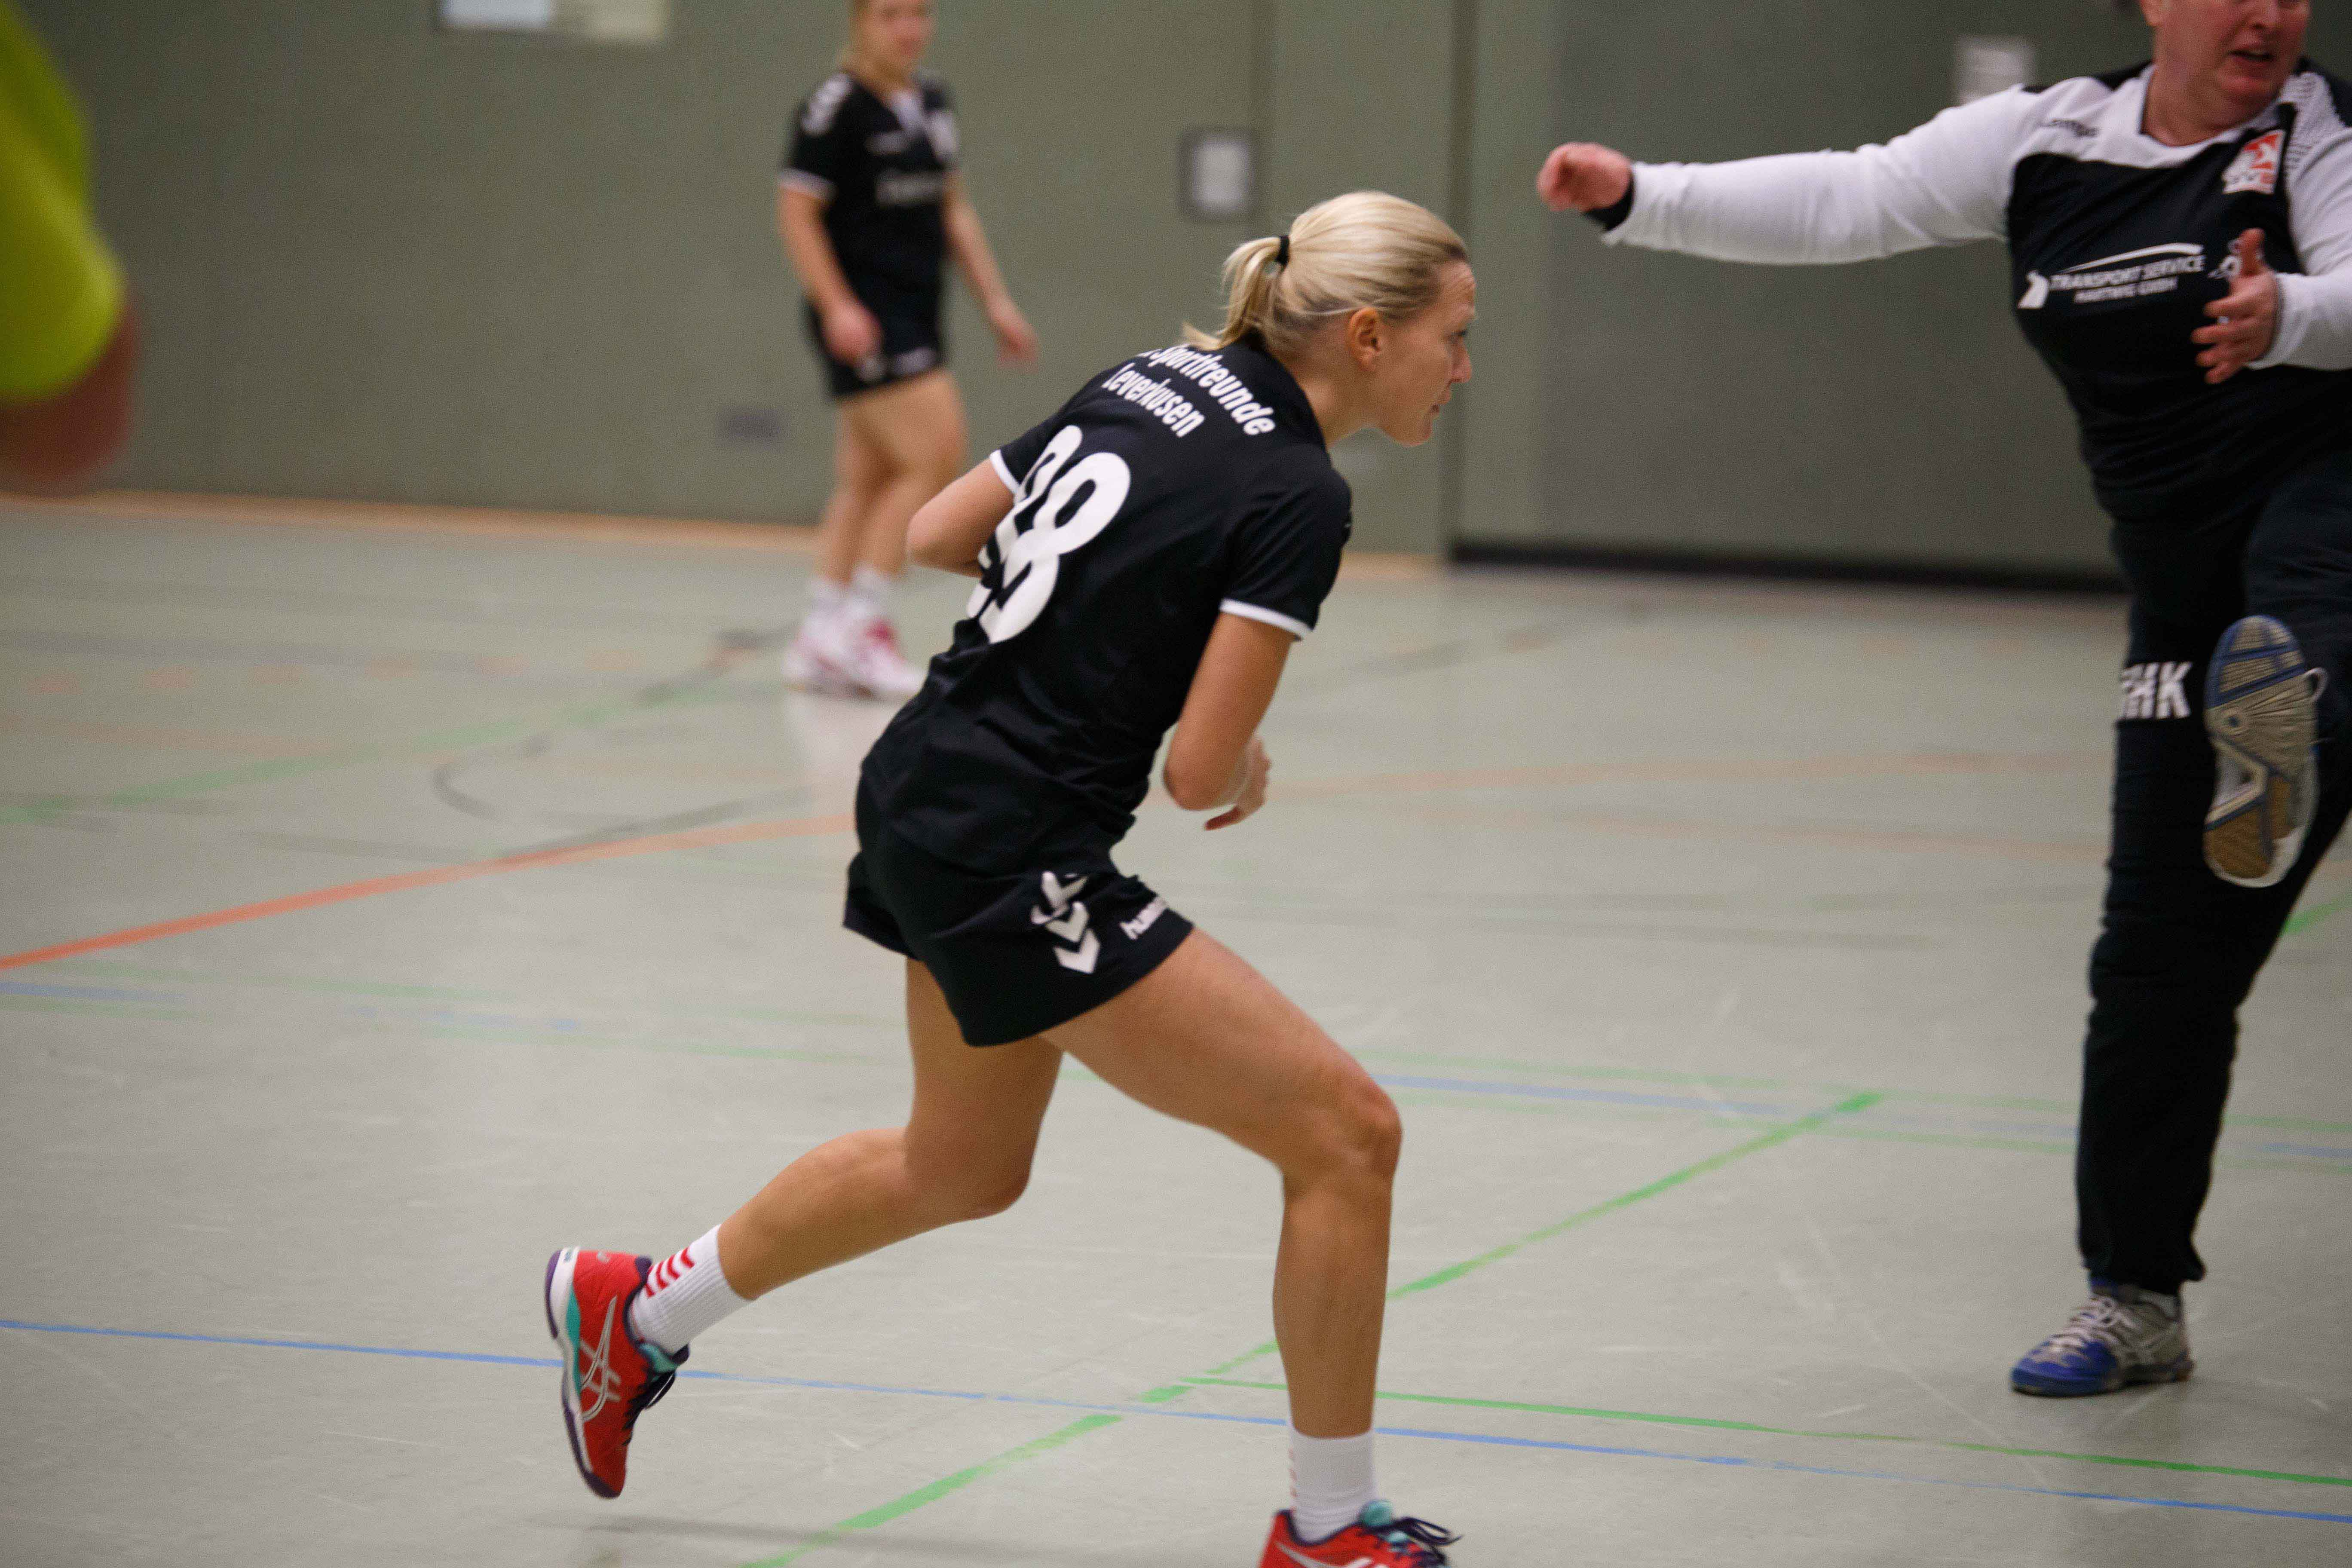 Handball0713